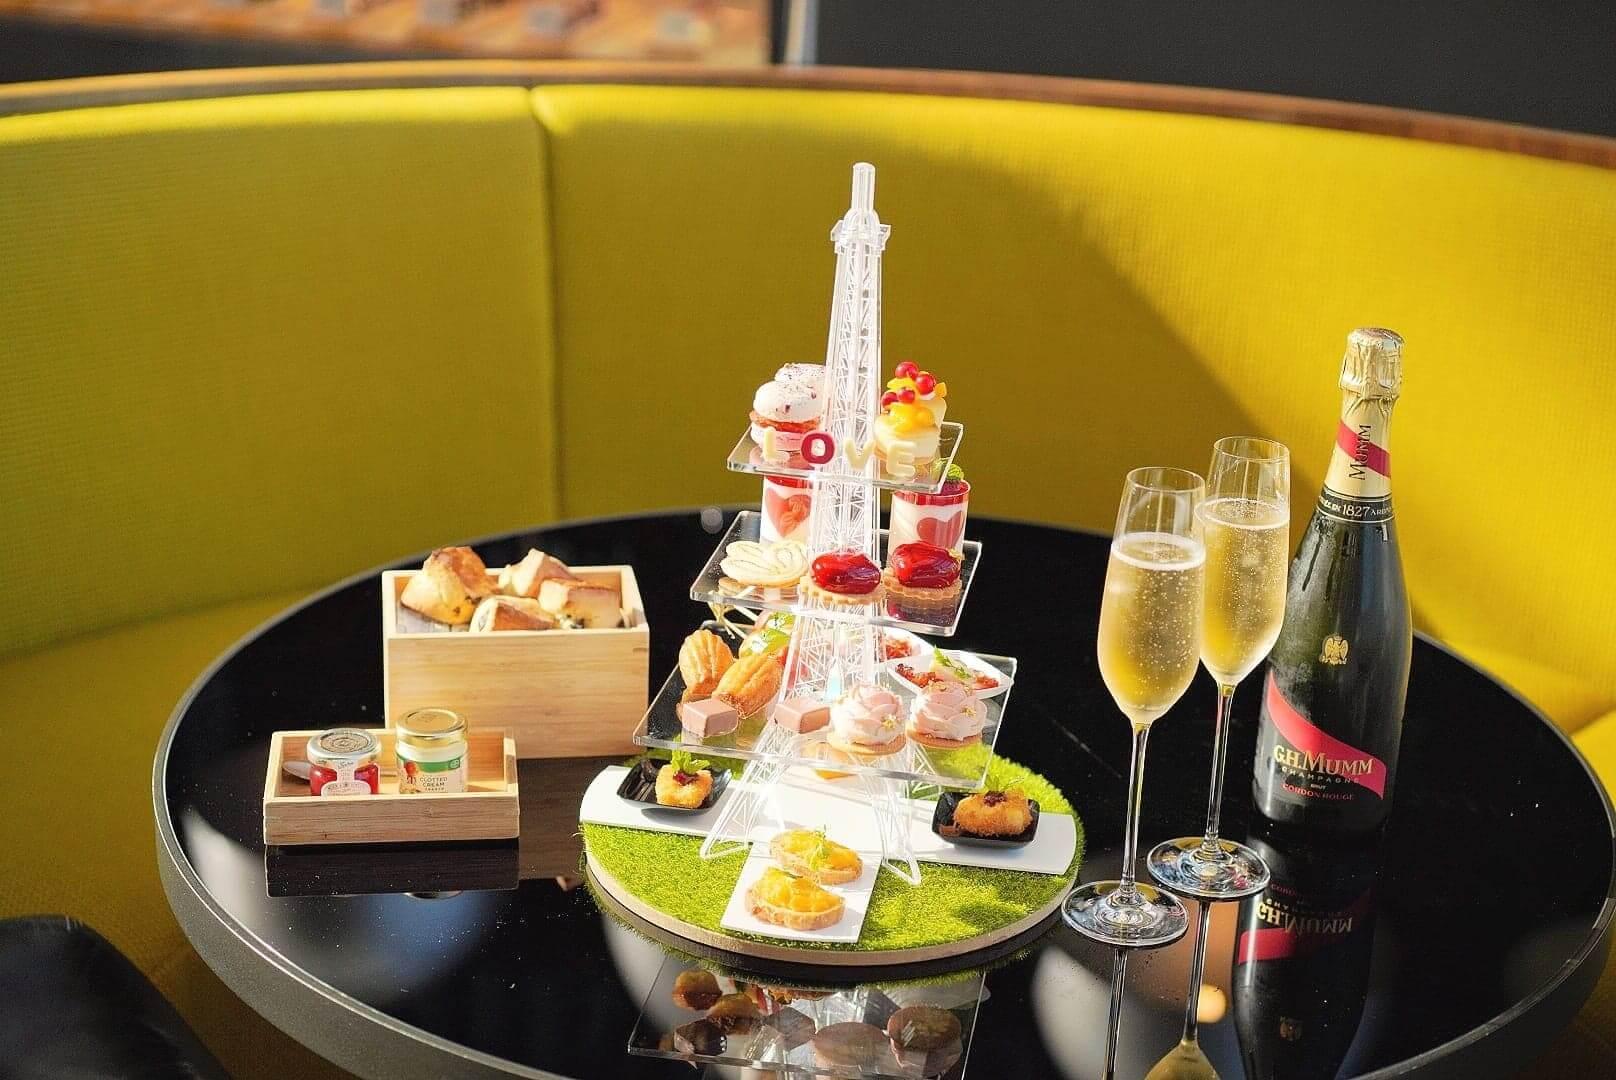 GREEN喺今年情人節,推出限定嘅「巴黎之約」下午茶!